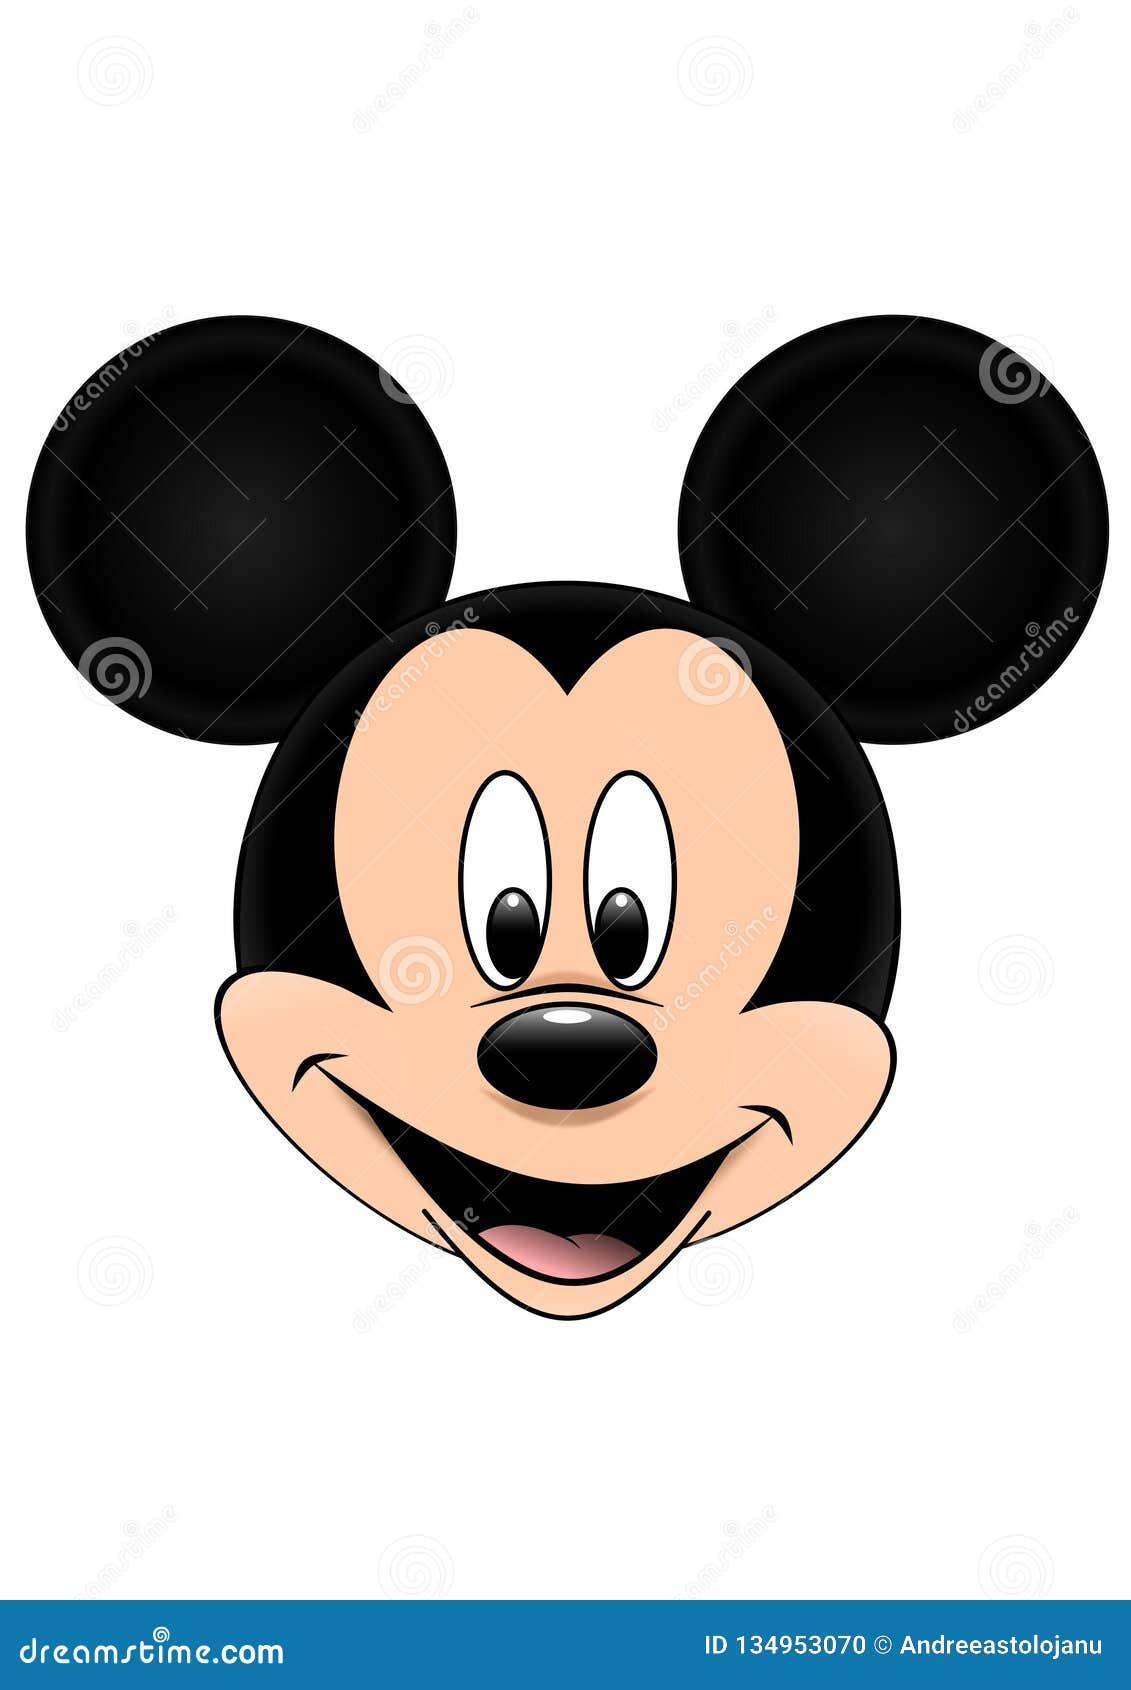 Disney-Vektorillustration von Mickey Mouse lokalisierte auf weißem Hintergrund